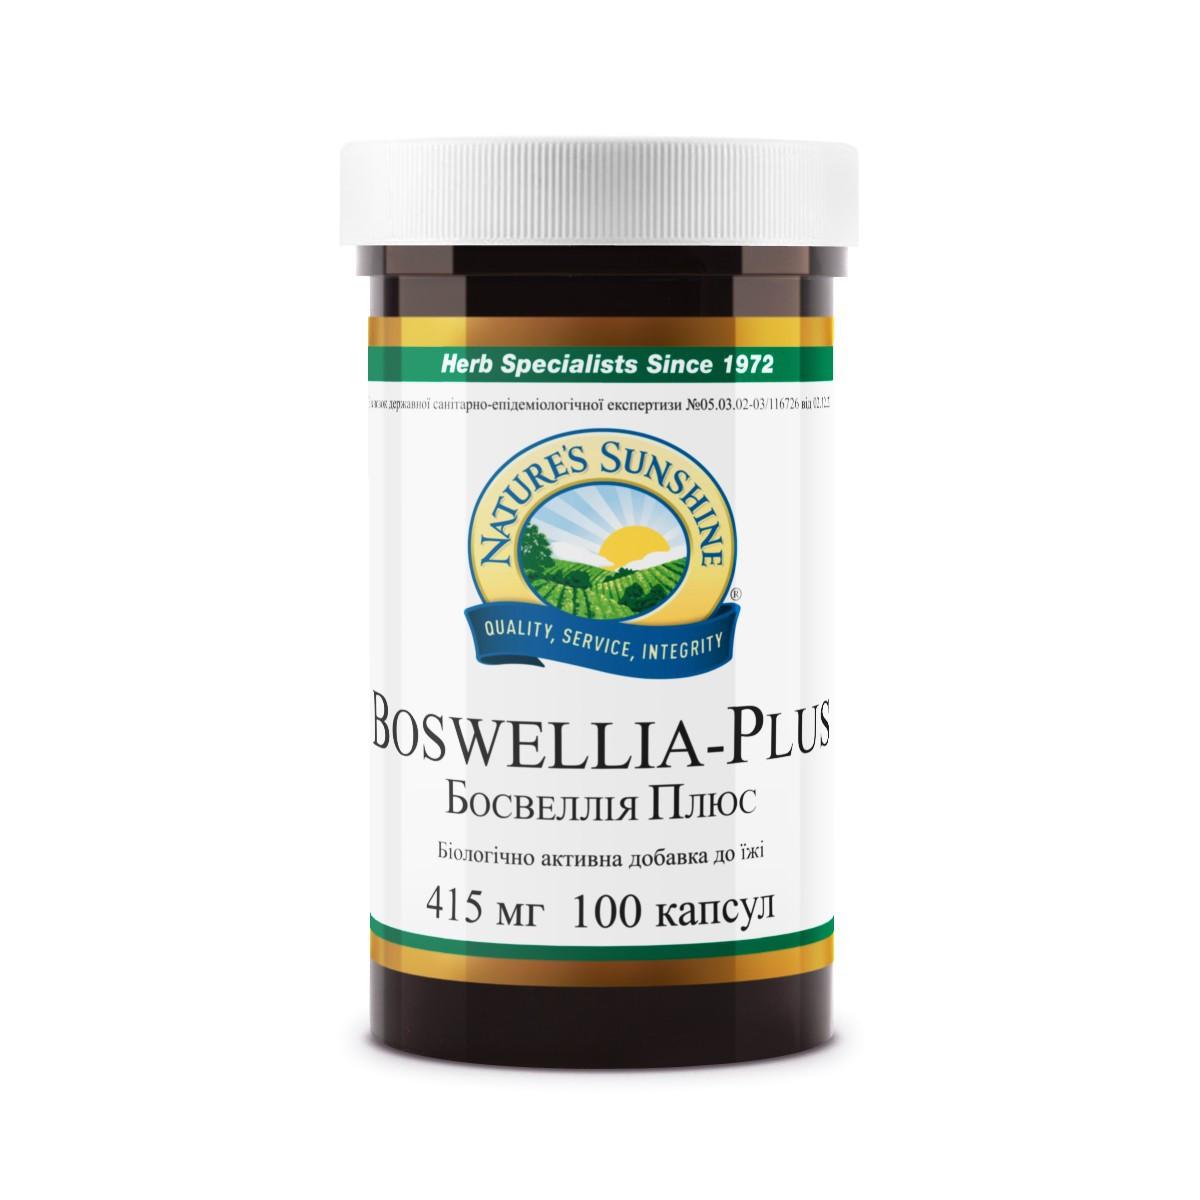 Boswellia Plus Босвеллия Плюс, НСП, США. Для судин, суглобів і кісток. Зменшує больовий синдром.